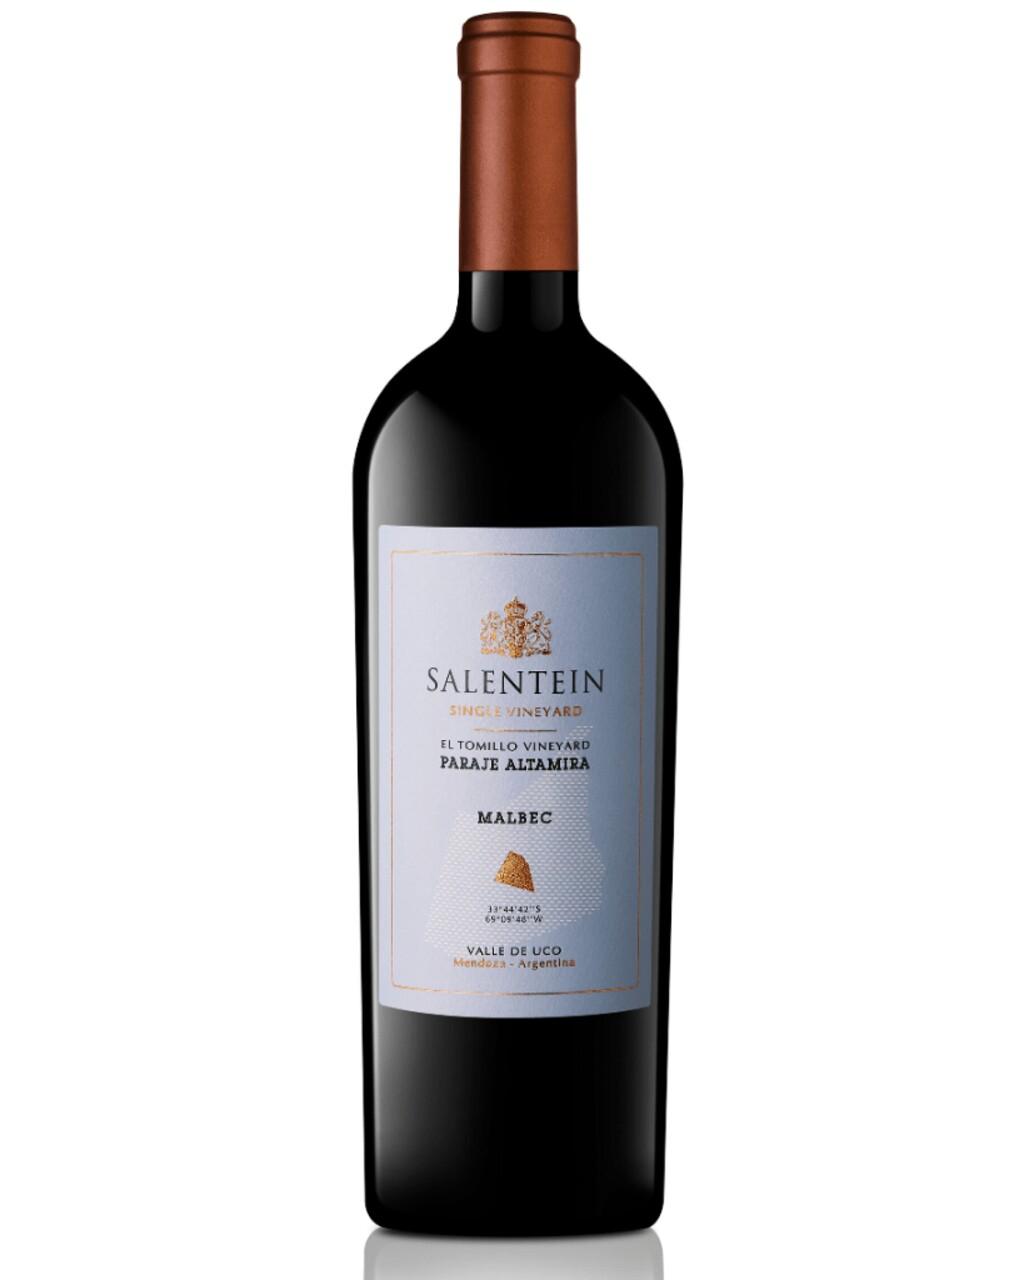 Salentein El Tomillo Malbec Single Vineyard